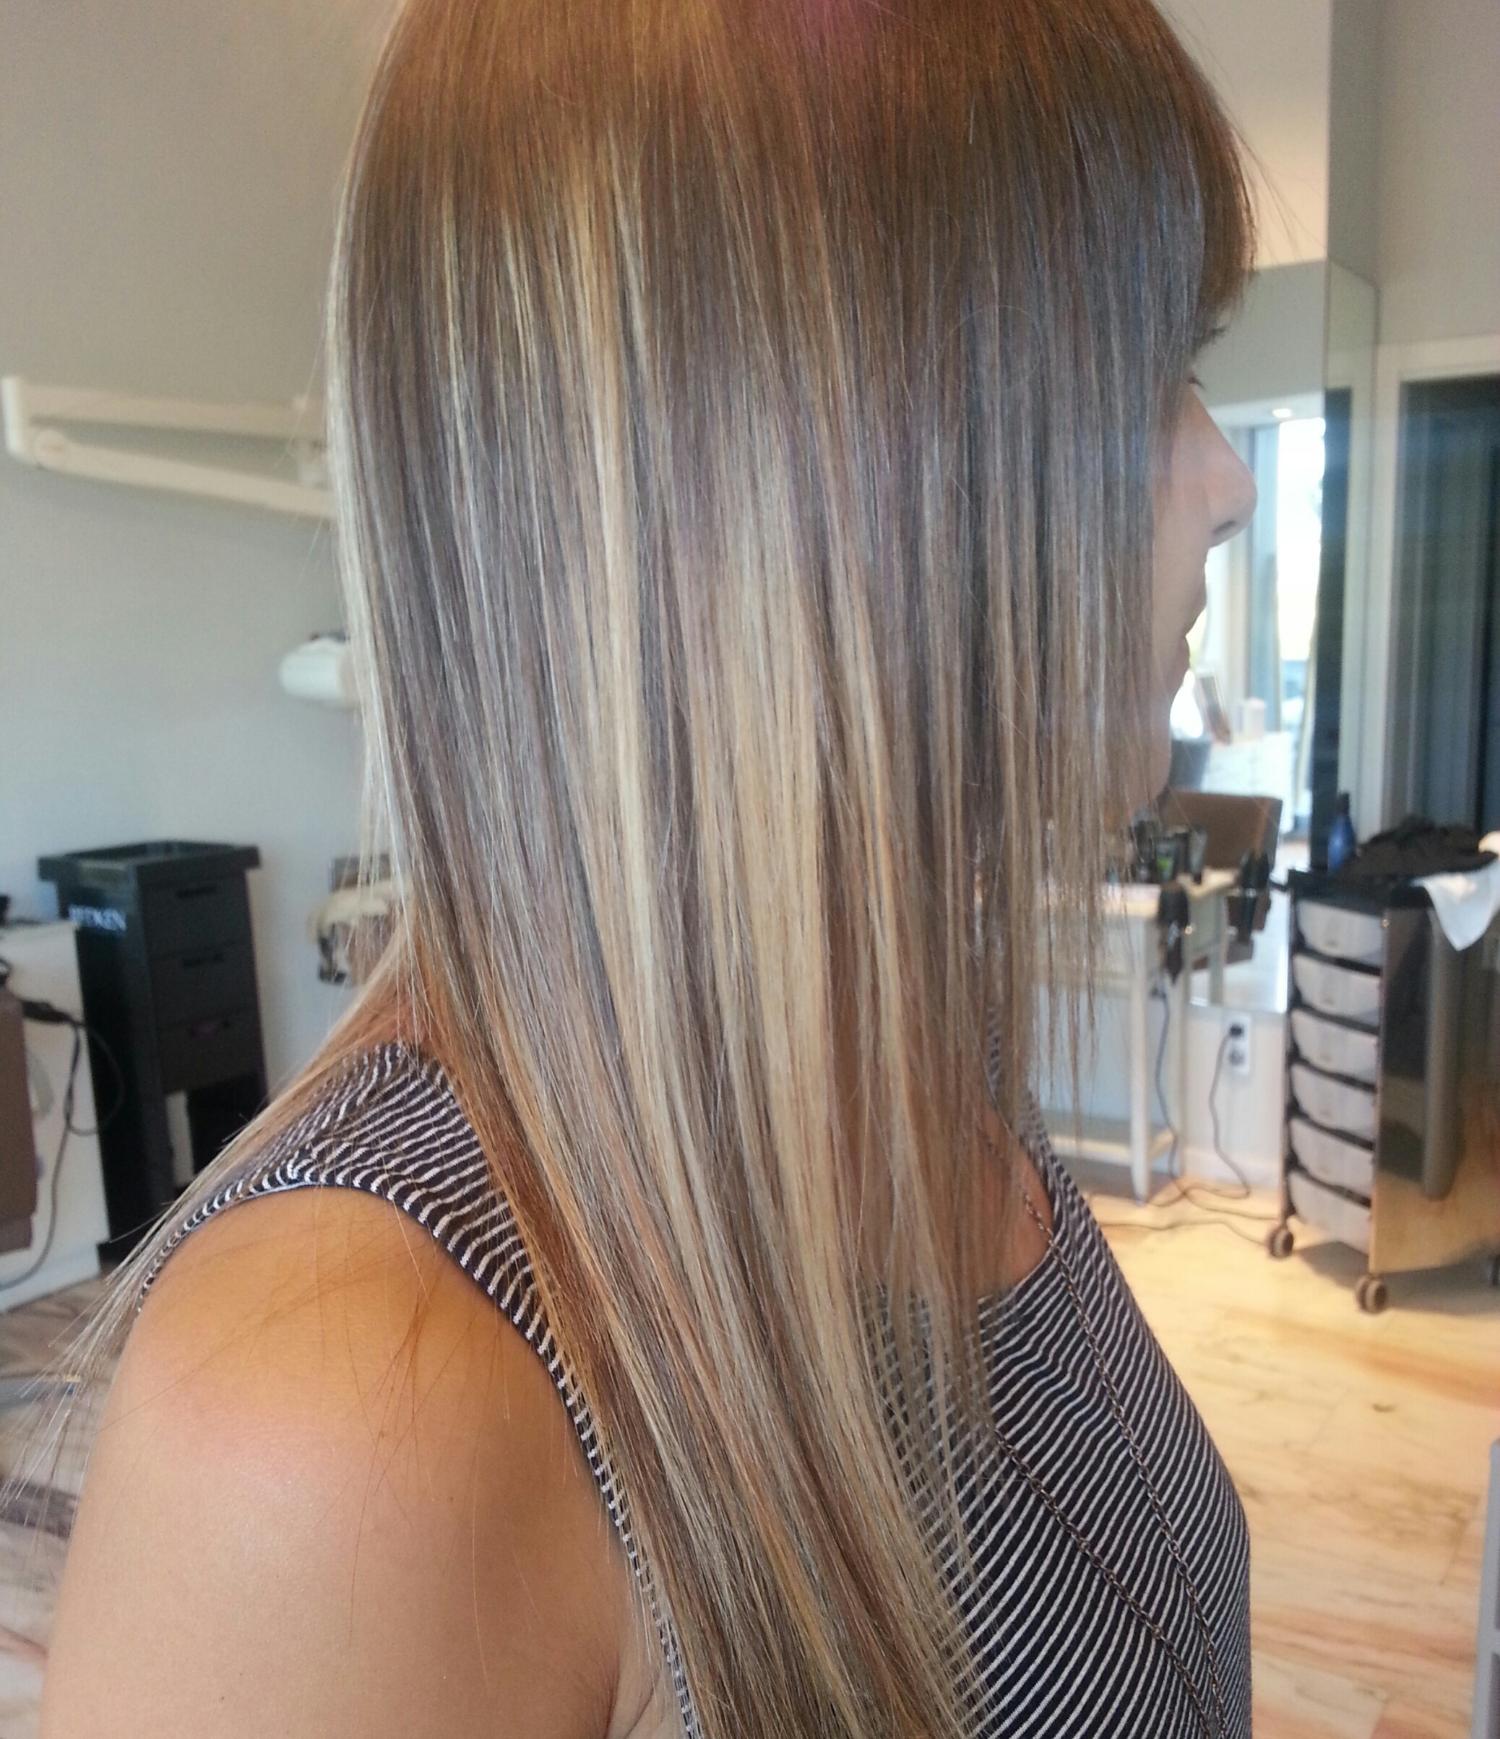 Proceso de mechas aplicadas con tratamiento Junctiox, como veis, el cabello queda perfecto y sin roturas ni sequedad por la decoloración.